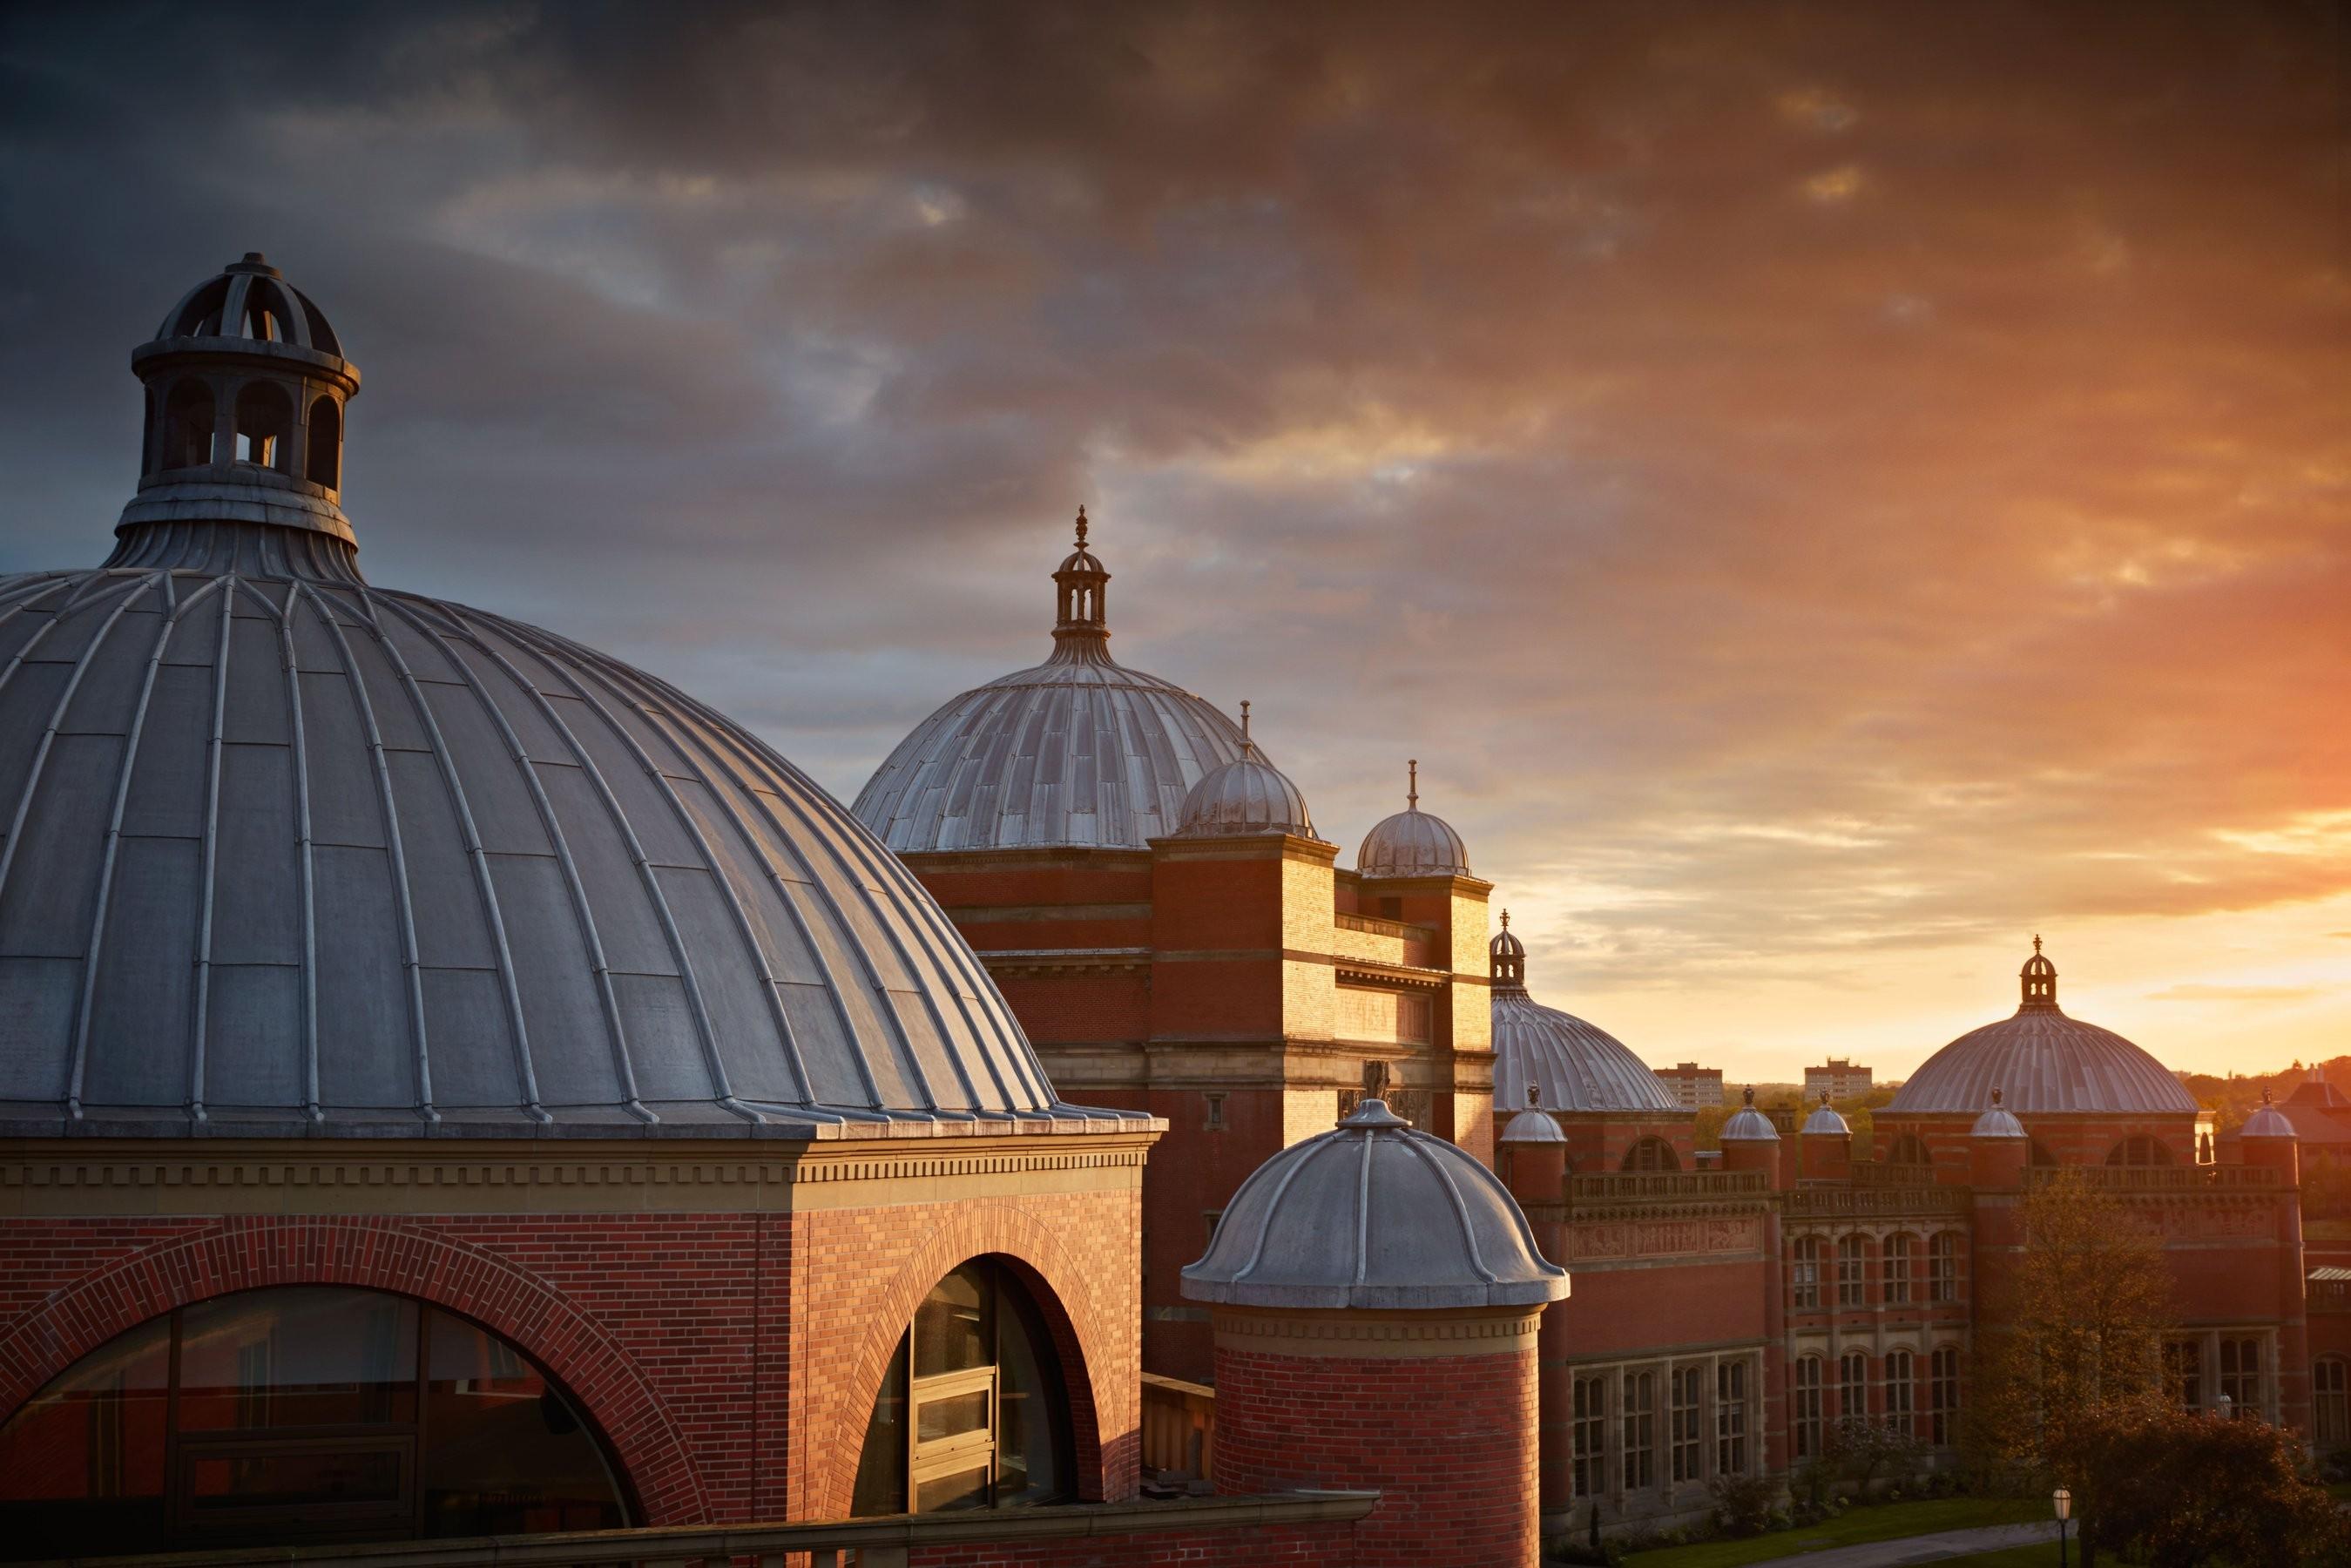 University of Birmingham campus at sunset